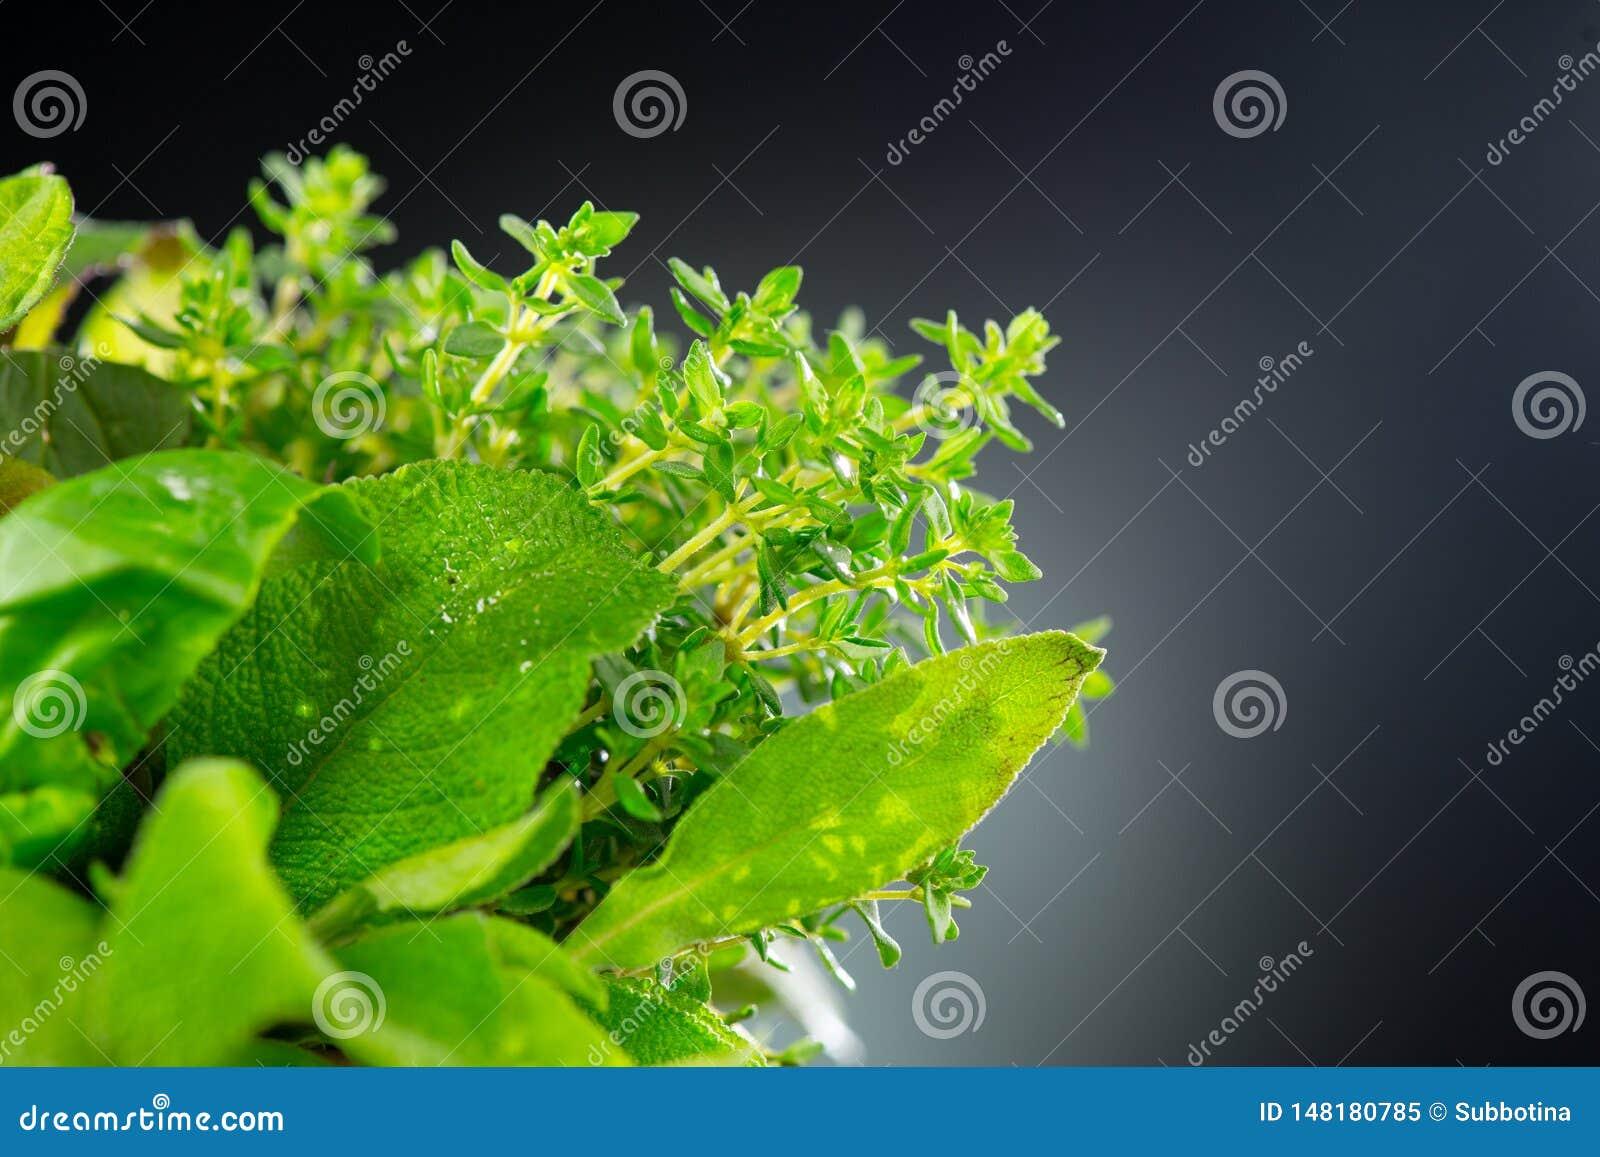 Kruiden Bos van verse groene organische aromatische kruidbladeren Munt, Pepermunt, Rosemary, Thyme, Salie